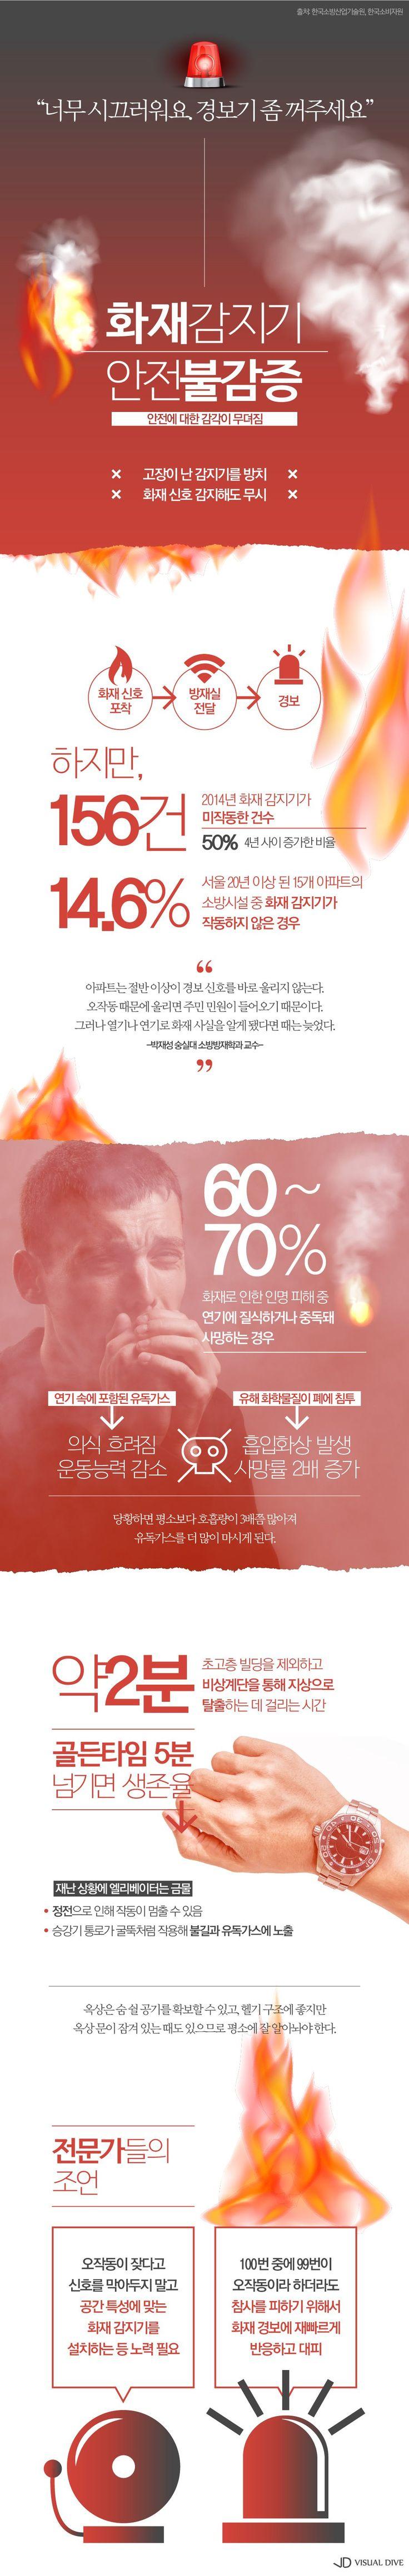 """""""시끄러우니 경보기 좀 꺼주세요""""…화재감지기 안전불감증 [인포그래픽] #fire / #Infographic ⓒ 비주얼다이브 무단…"""